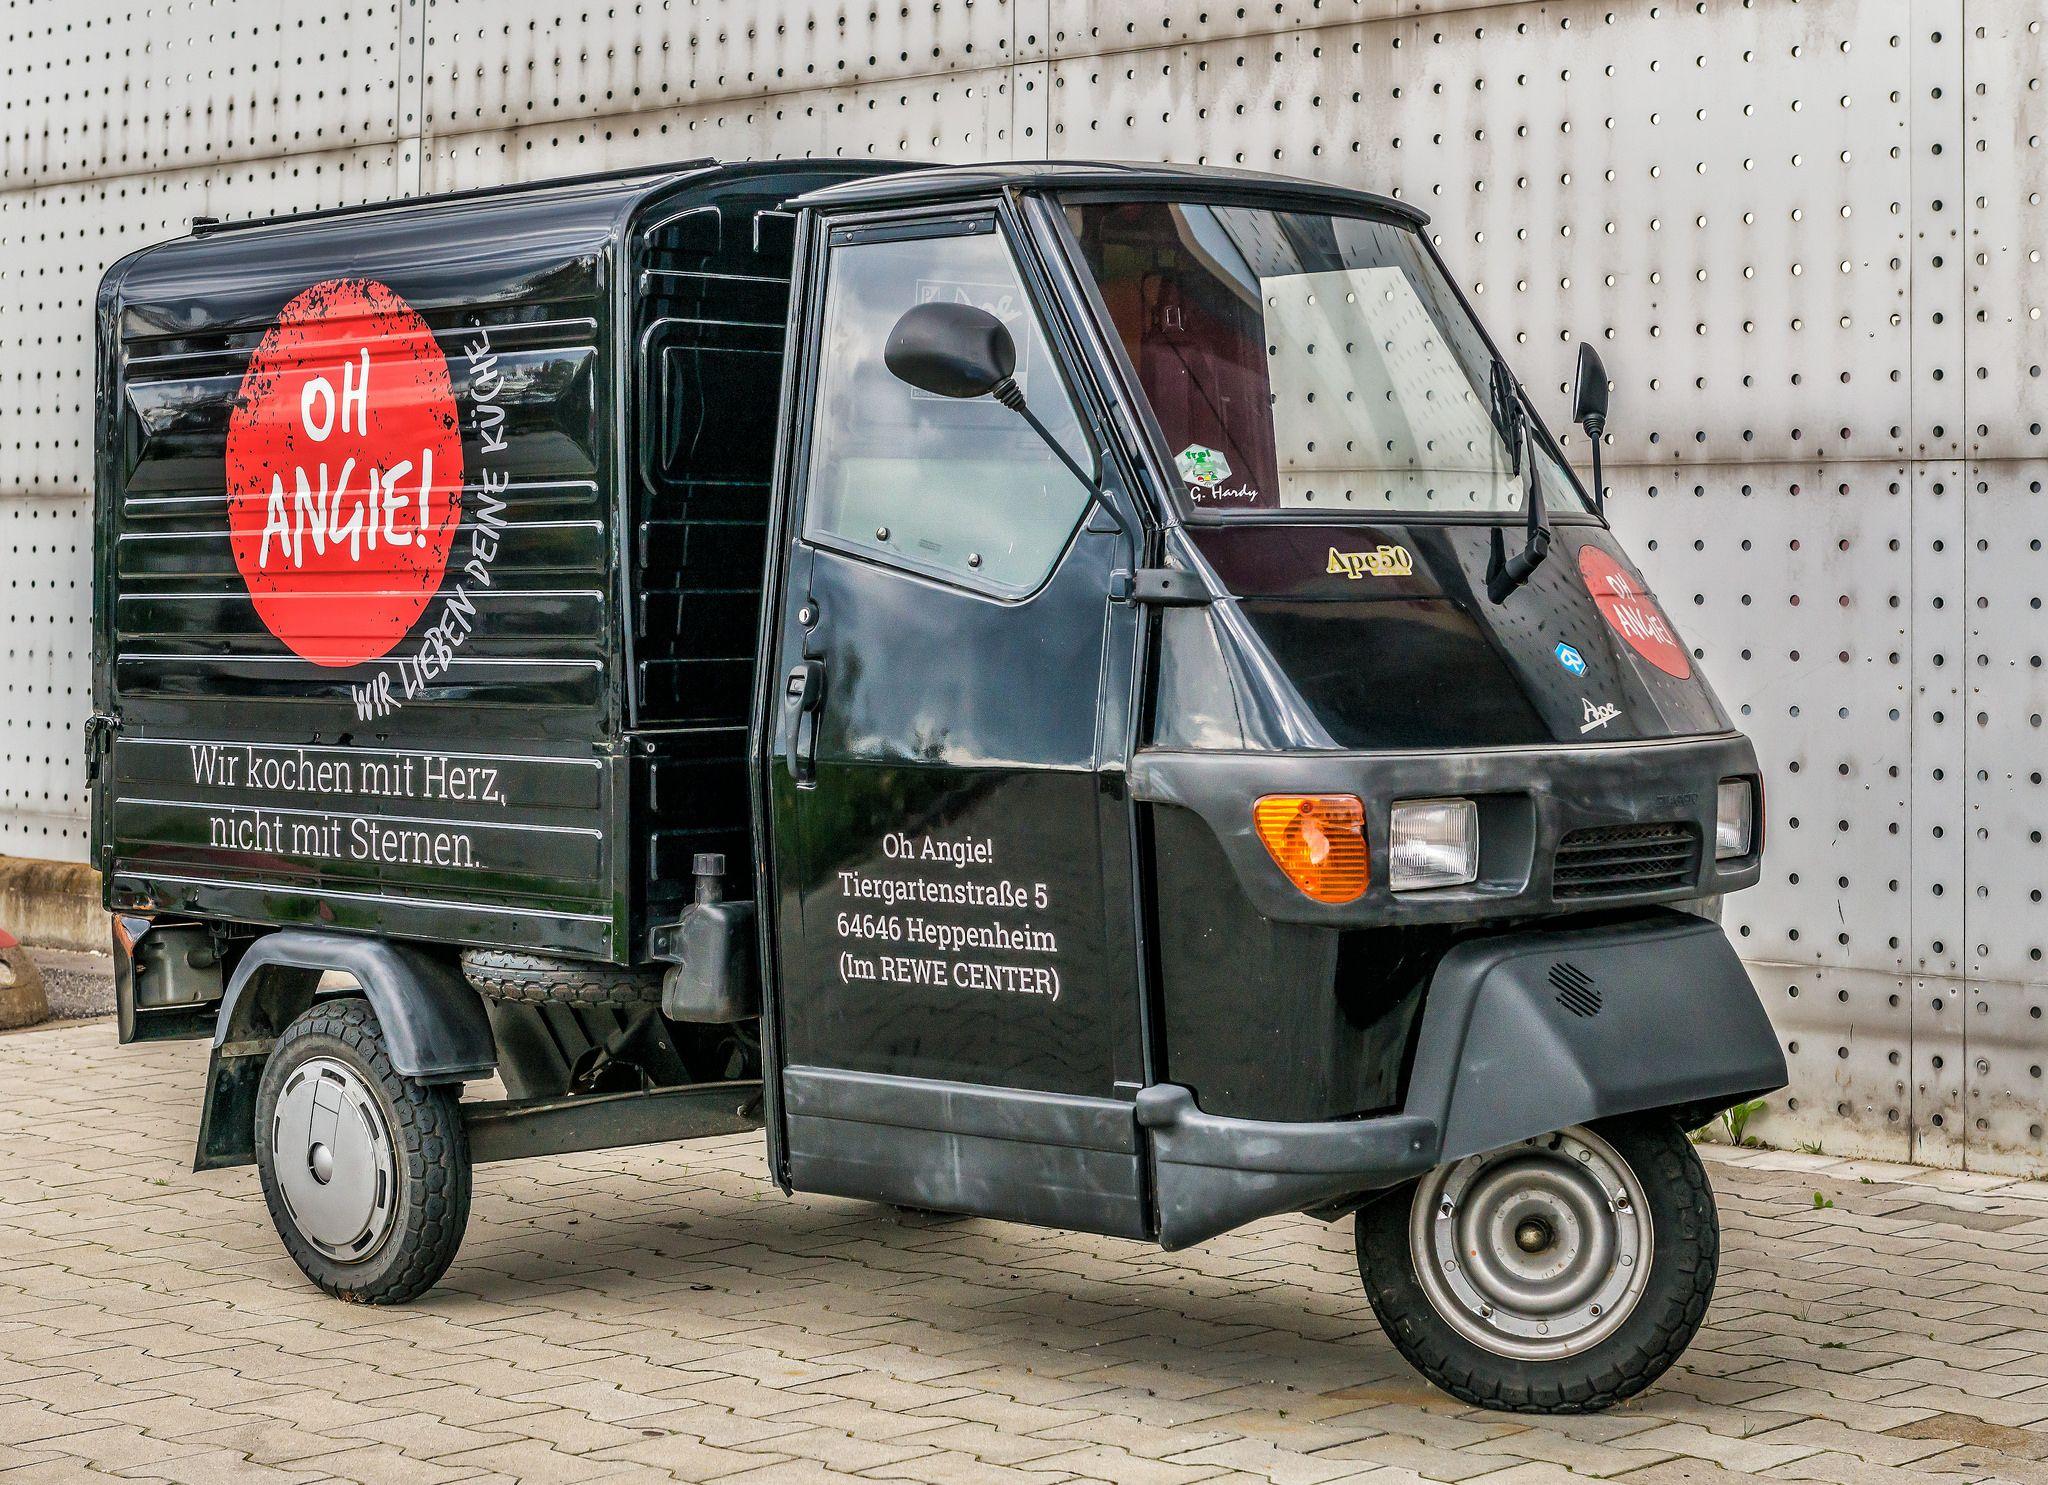 ape 50 engines and moving kleintransporter vespa. Black Bedroom Furniture Sets. Home Design Ideas